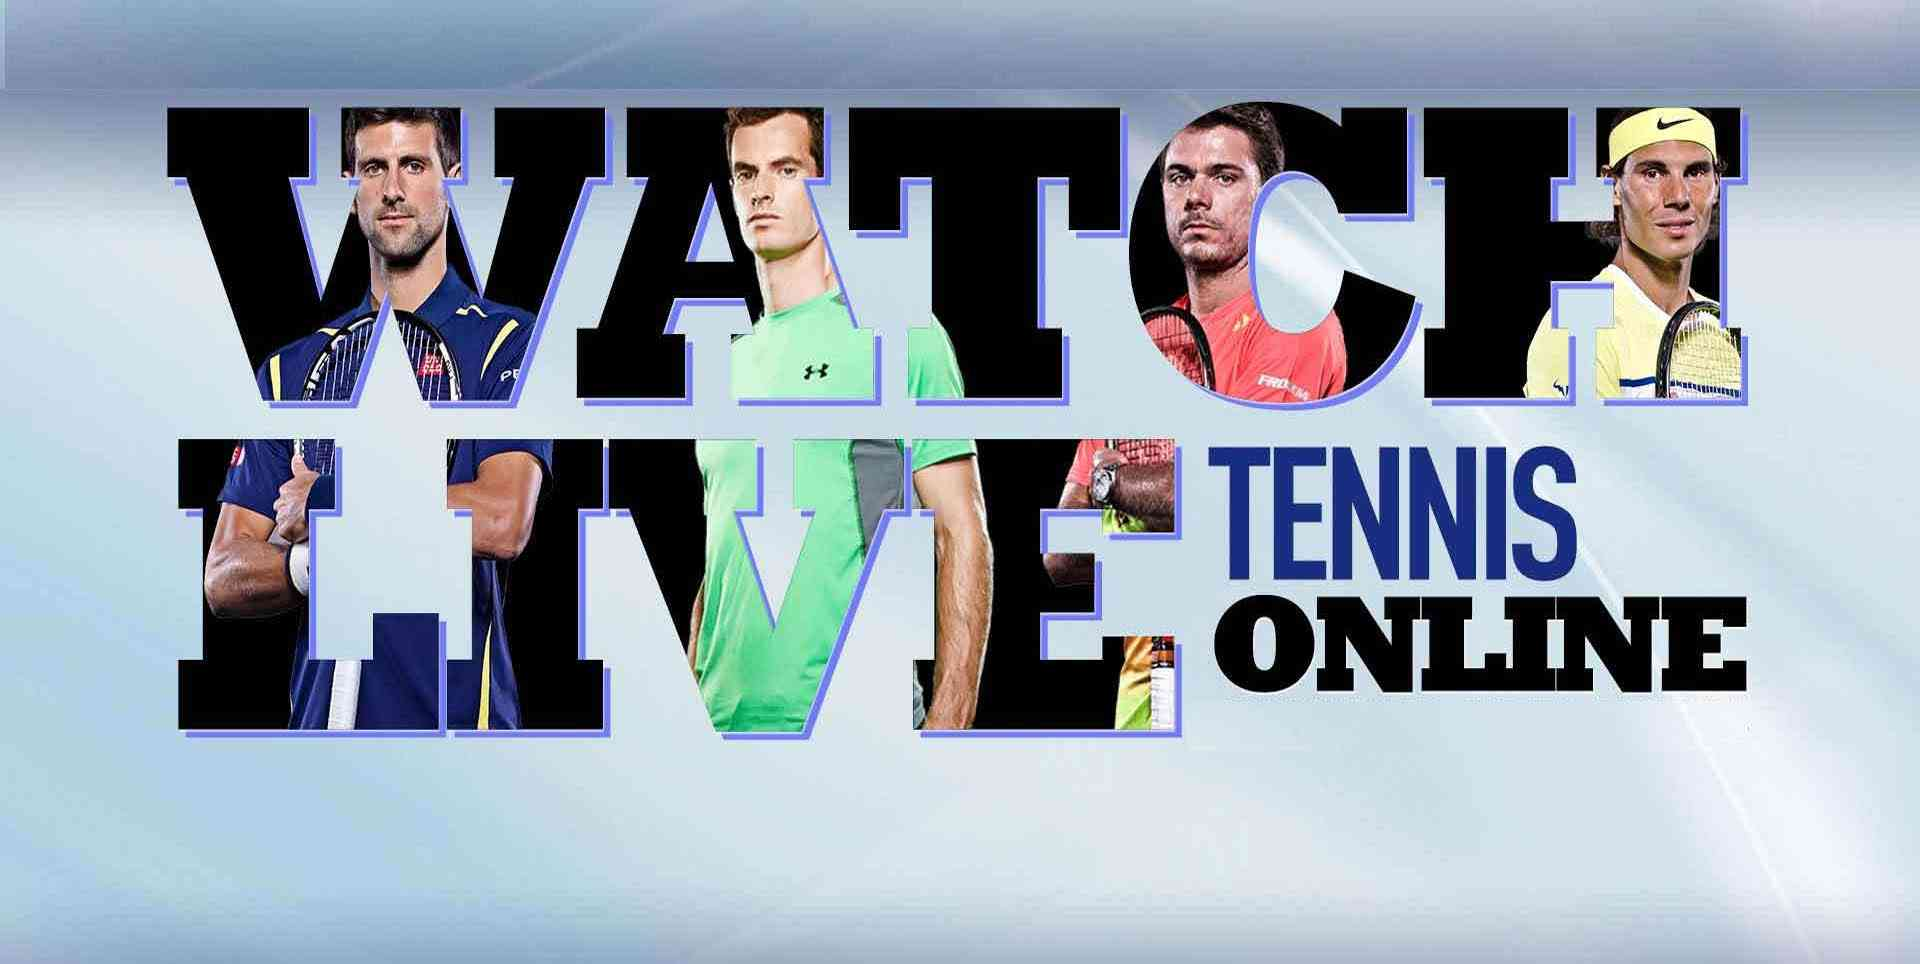 Watch E. Bouchard vs P. Kvitova Womens Singles Final Online